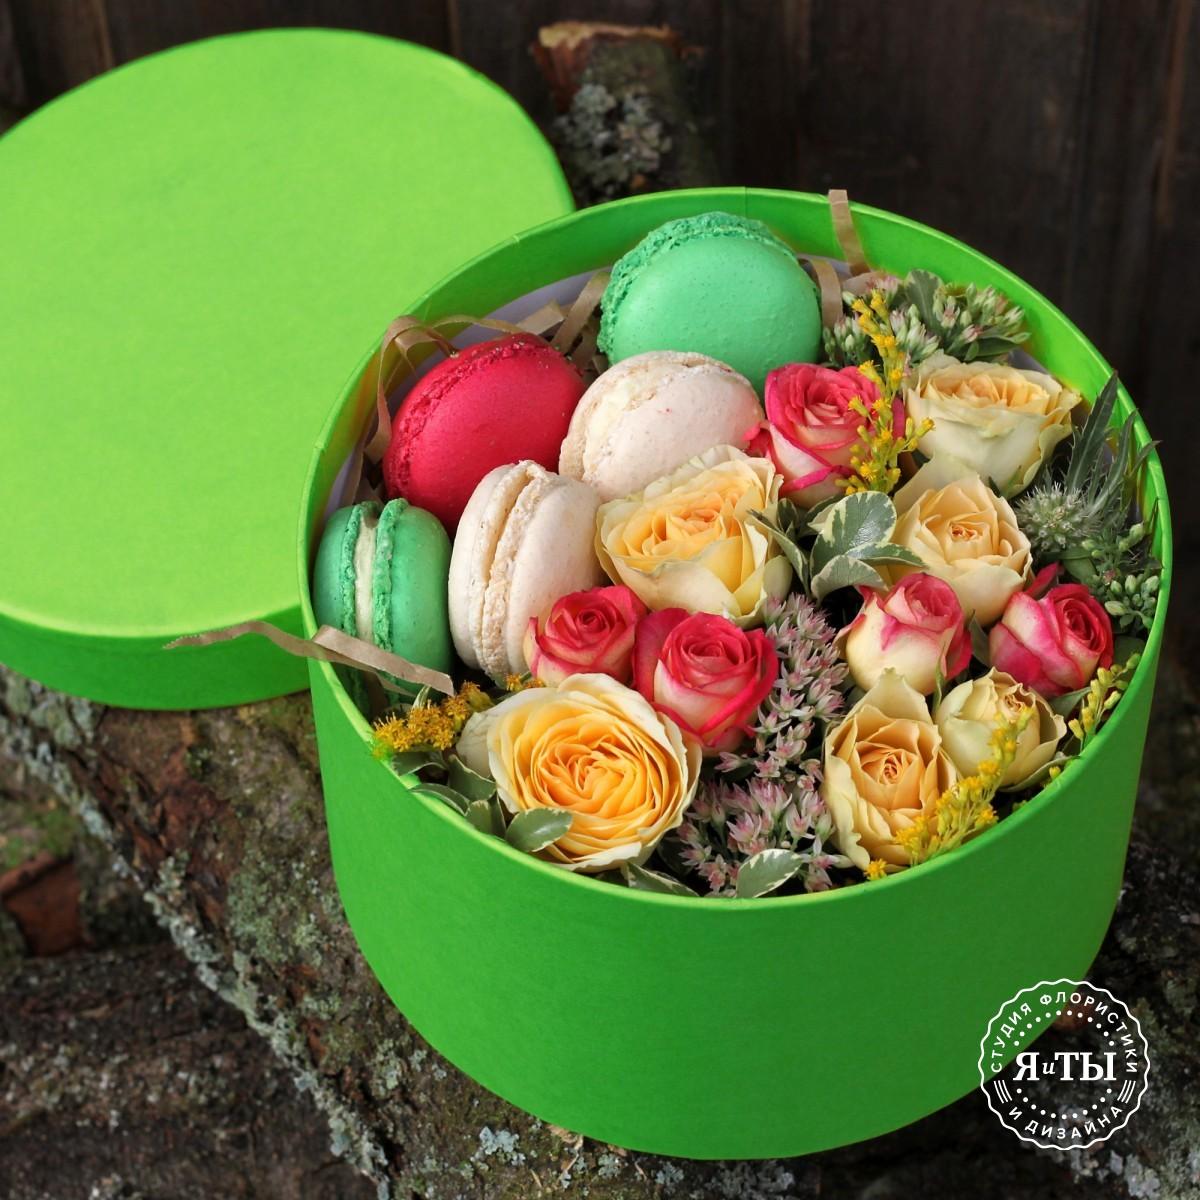 Коробочка с кустовыми розами,зеленью и макарони